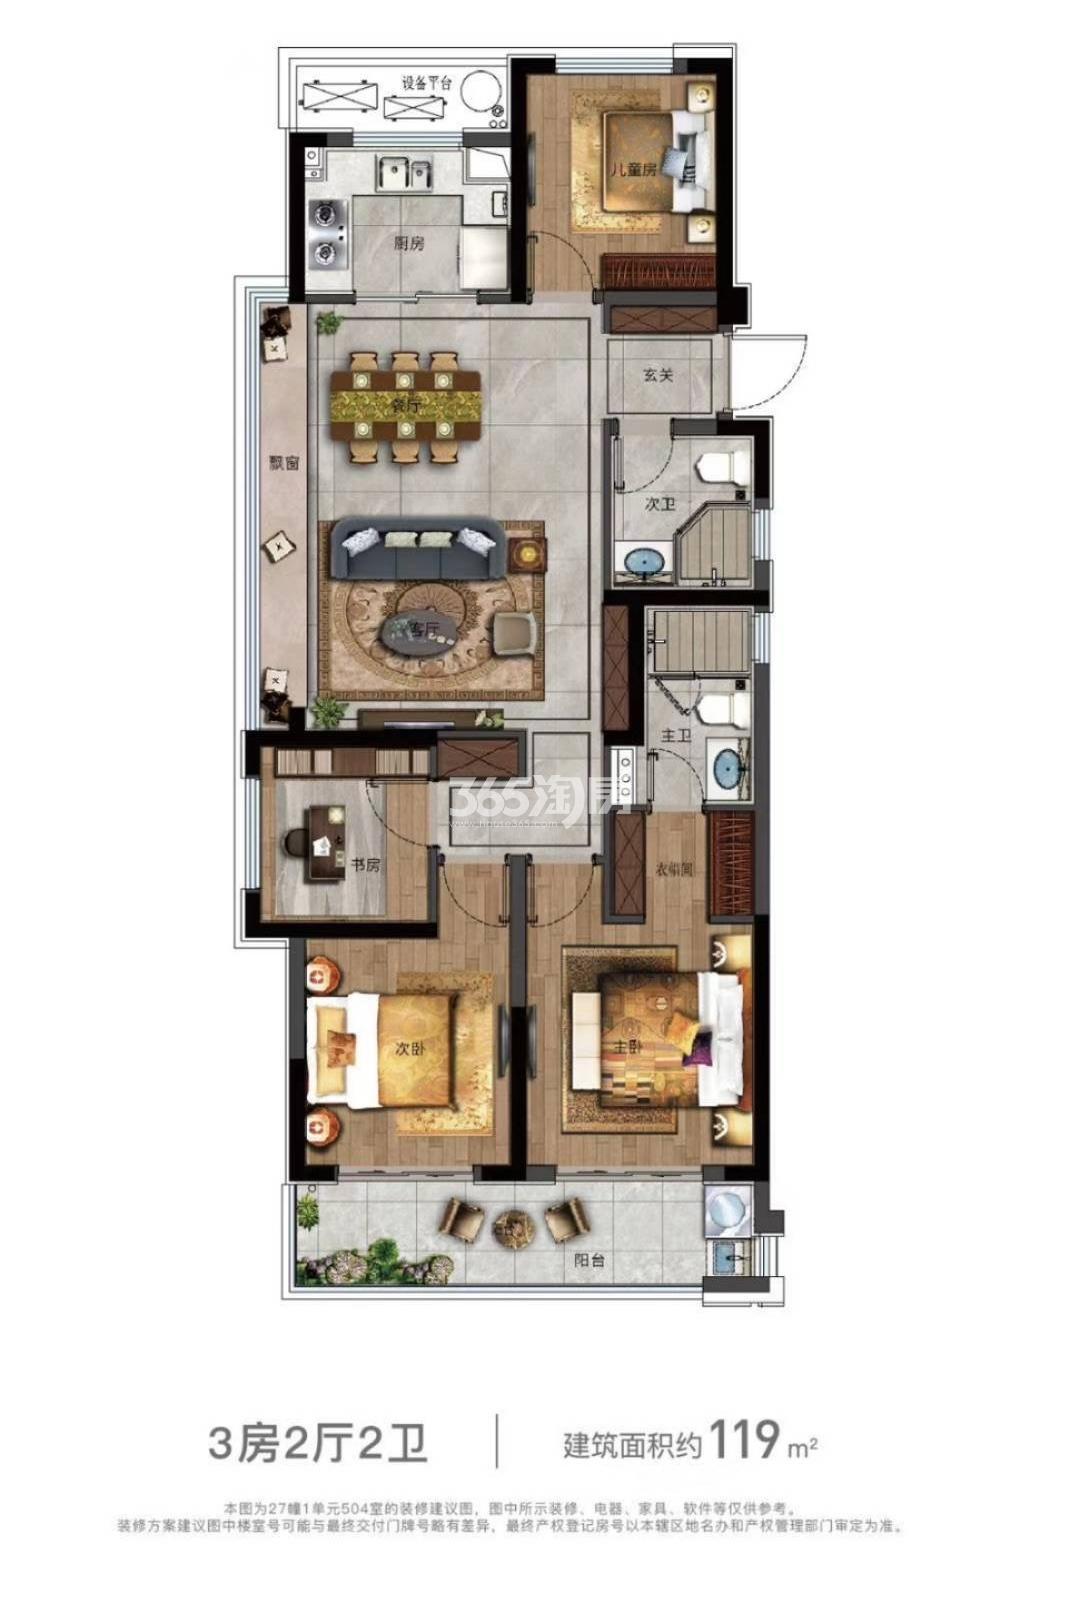 国宸府119㎡3房2厅2卫户型图